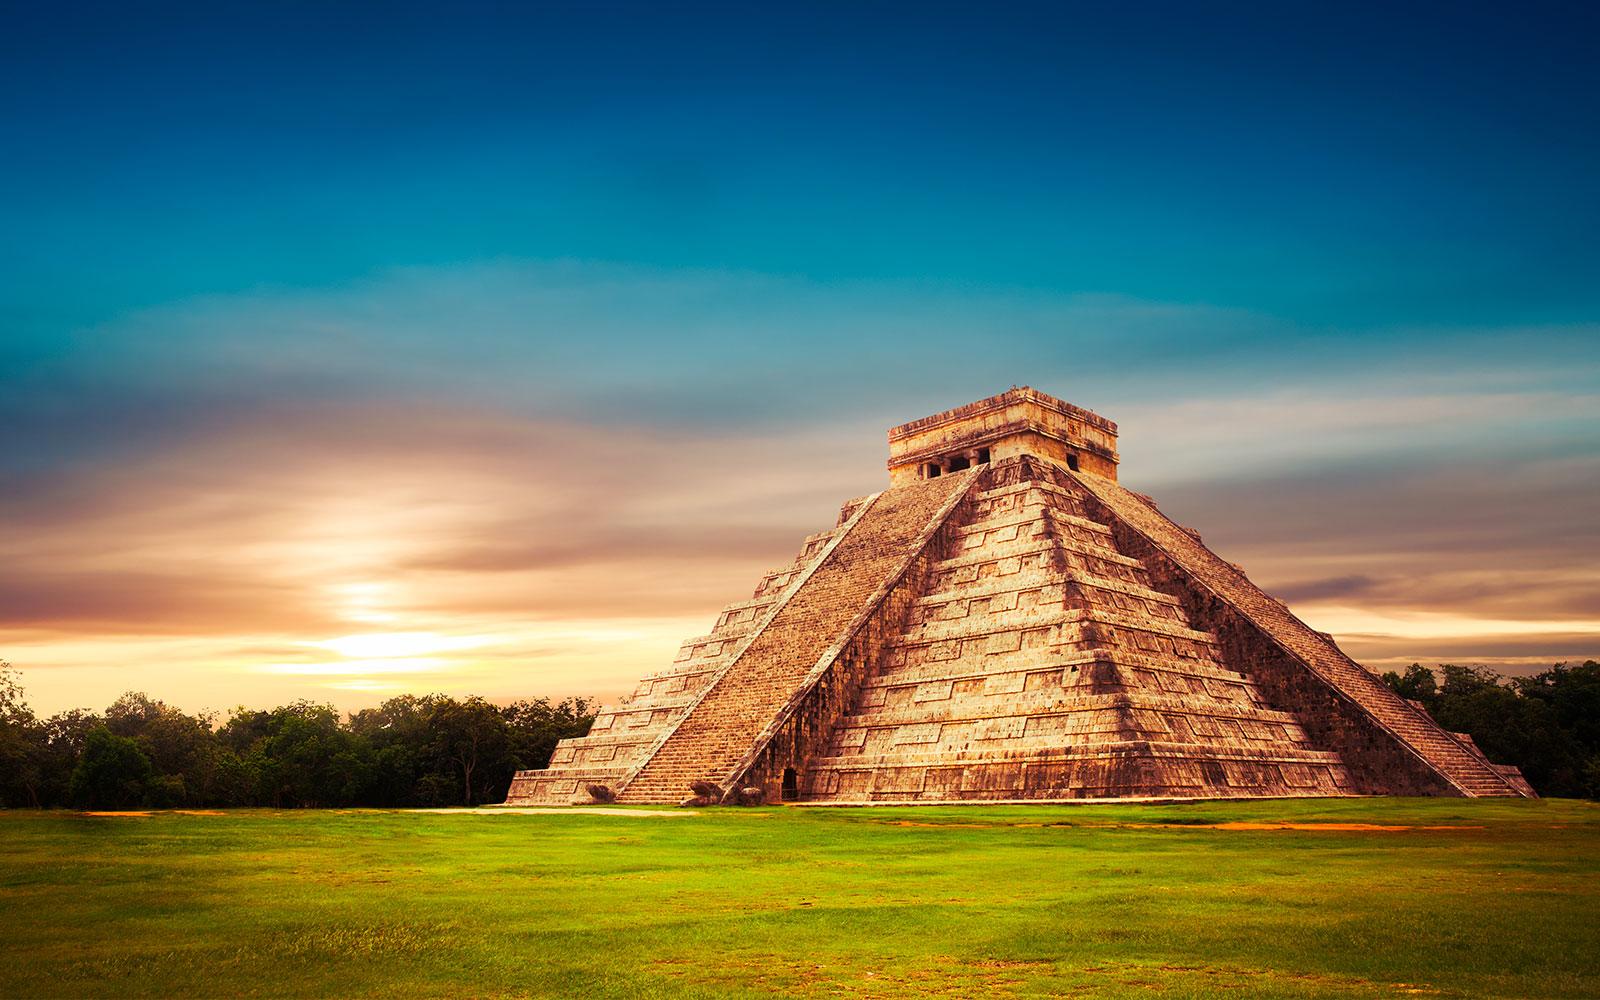 Site, Pyramide de Chichen Itza, Site archeologique, Yucatan au Mexique